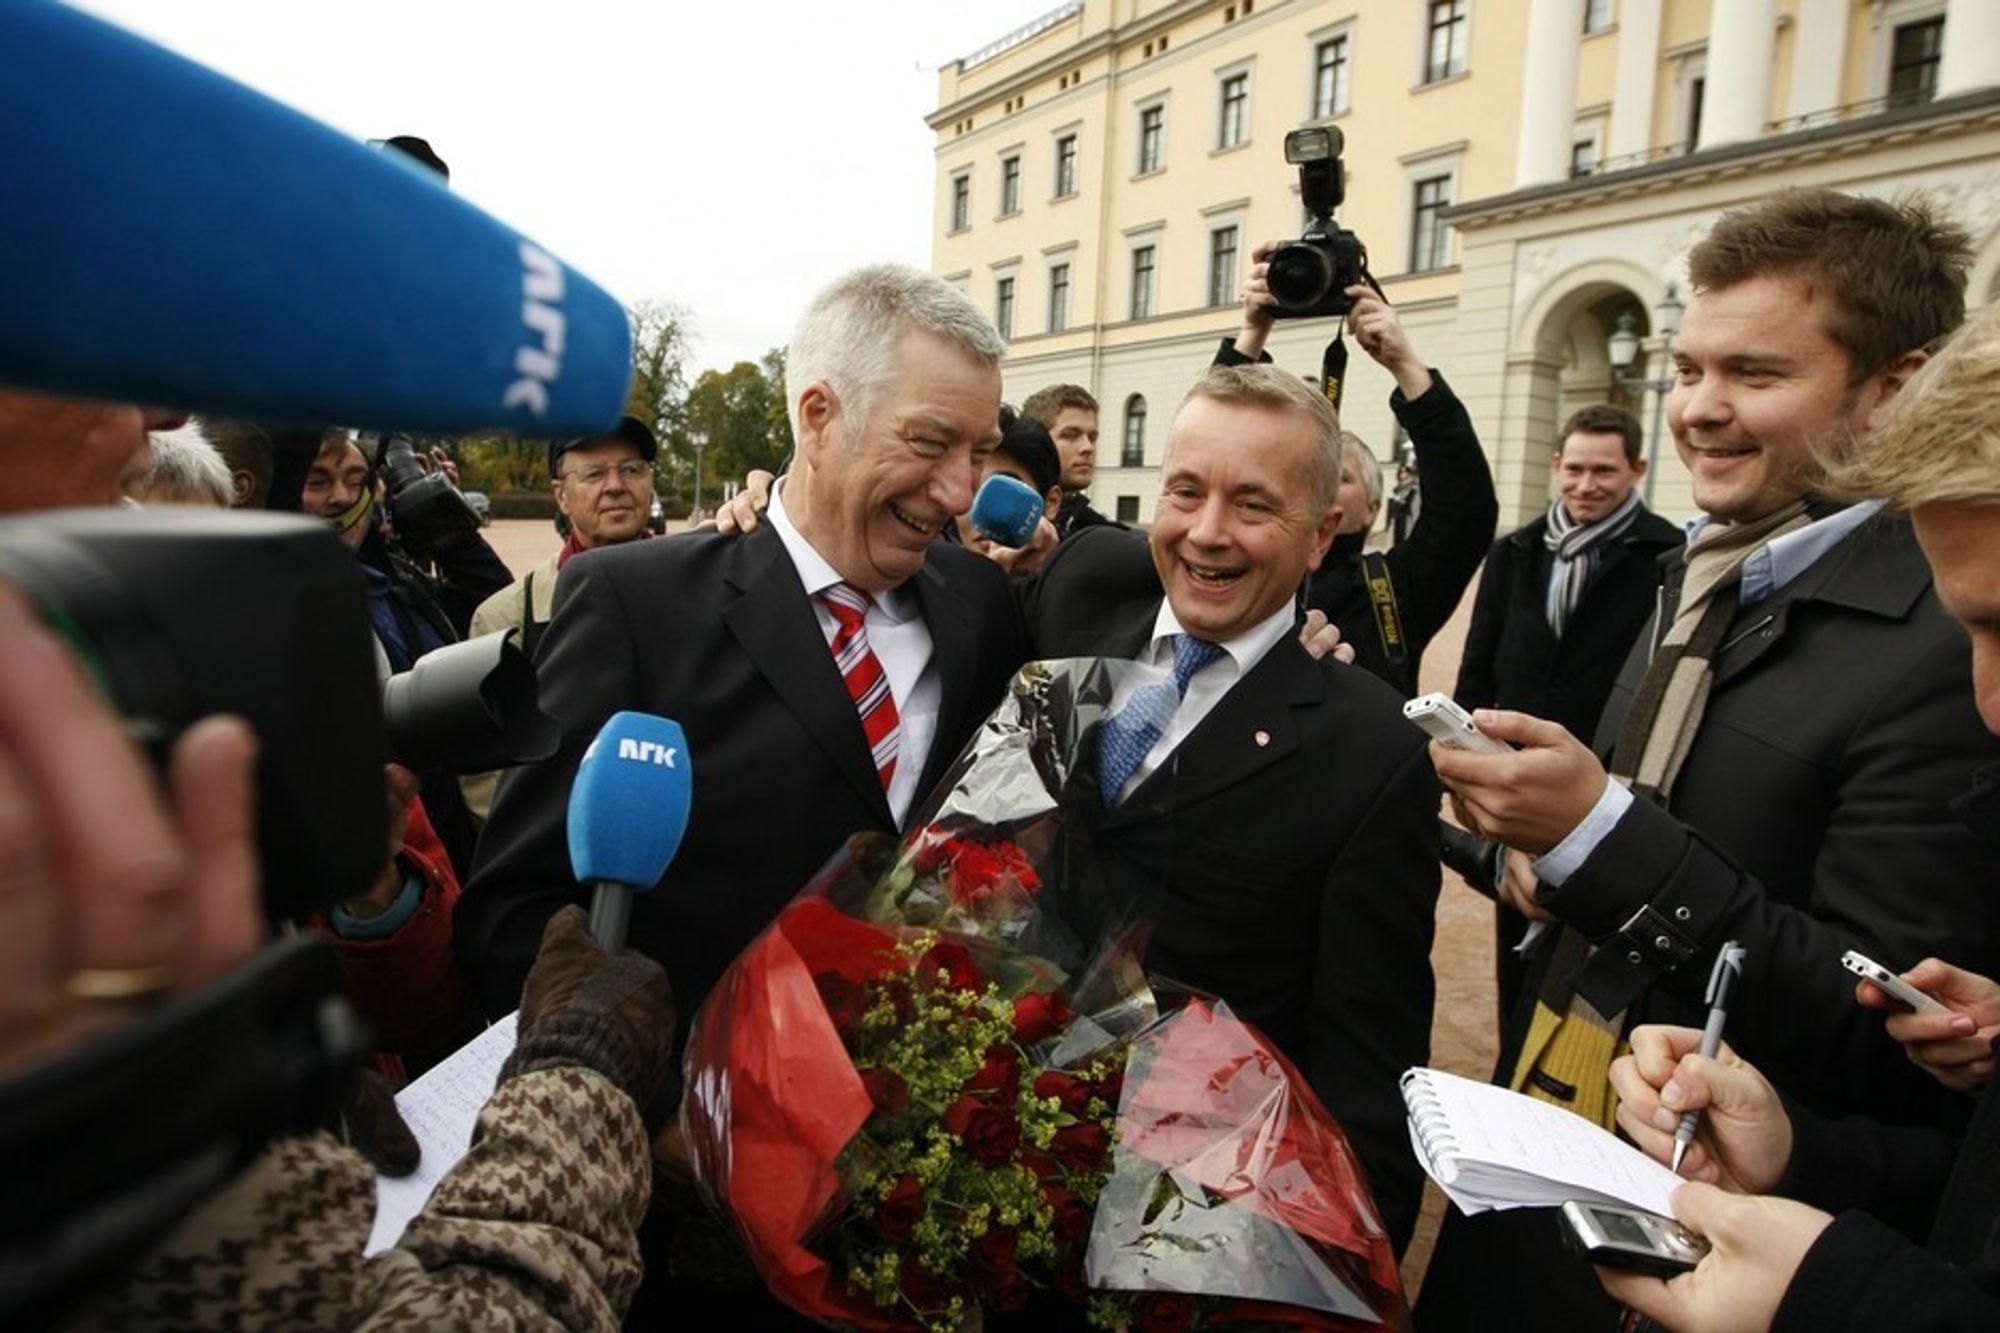 NY REGJERING: Sigbjørn Johnsen blir ny finansminister, mens Knut Storberget fortsetter som justisminister.